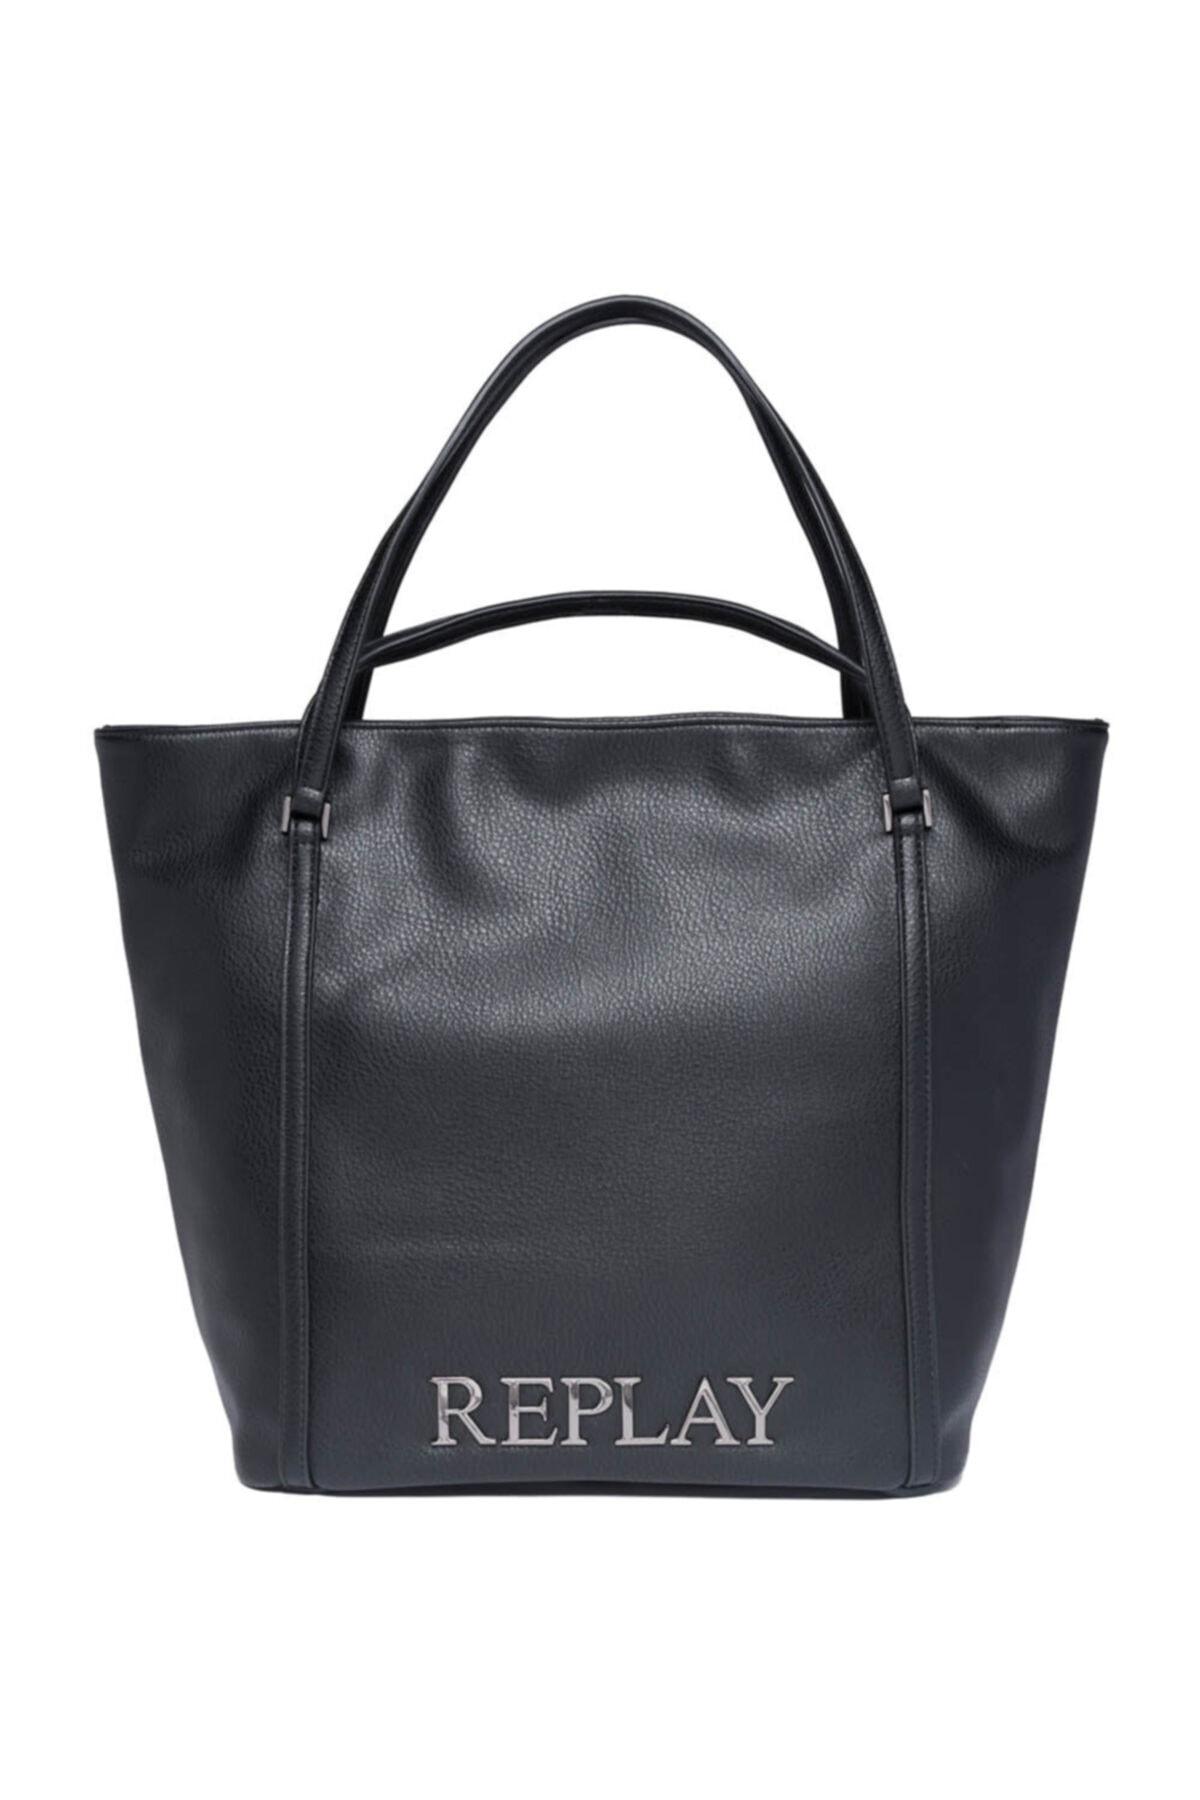 Replay Kadın Çanta 1